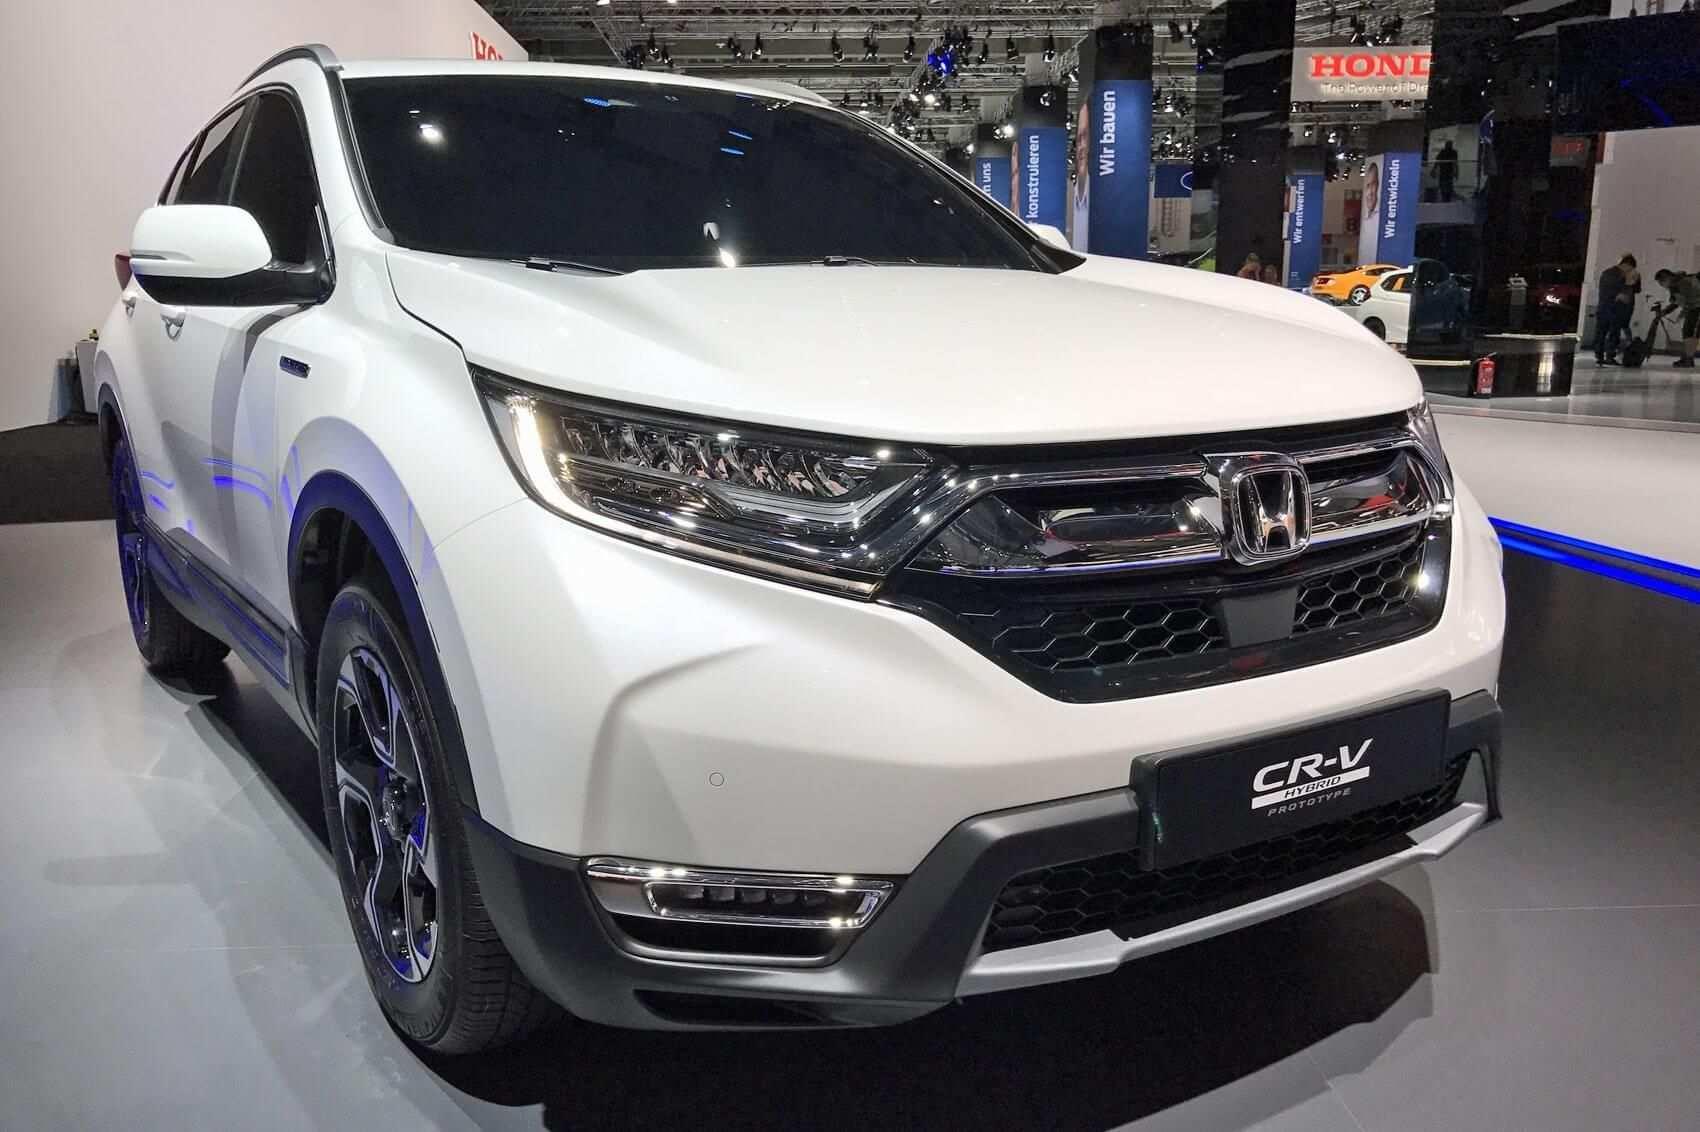 93 All New Honda Crv 2020 Model First Drive for Honda Crv 2020 Model